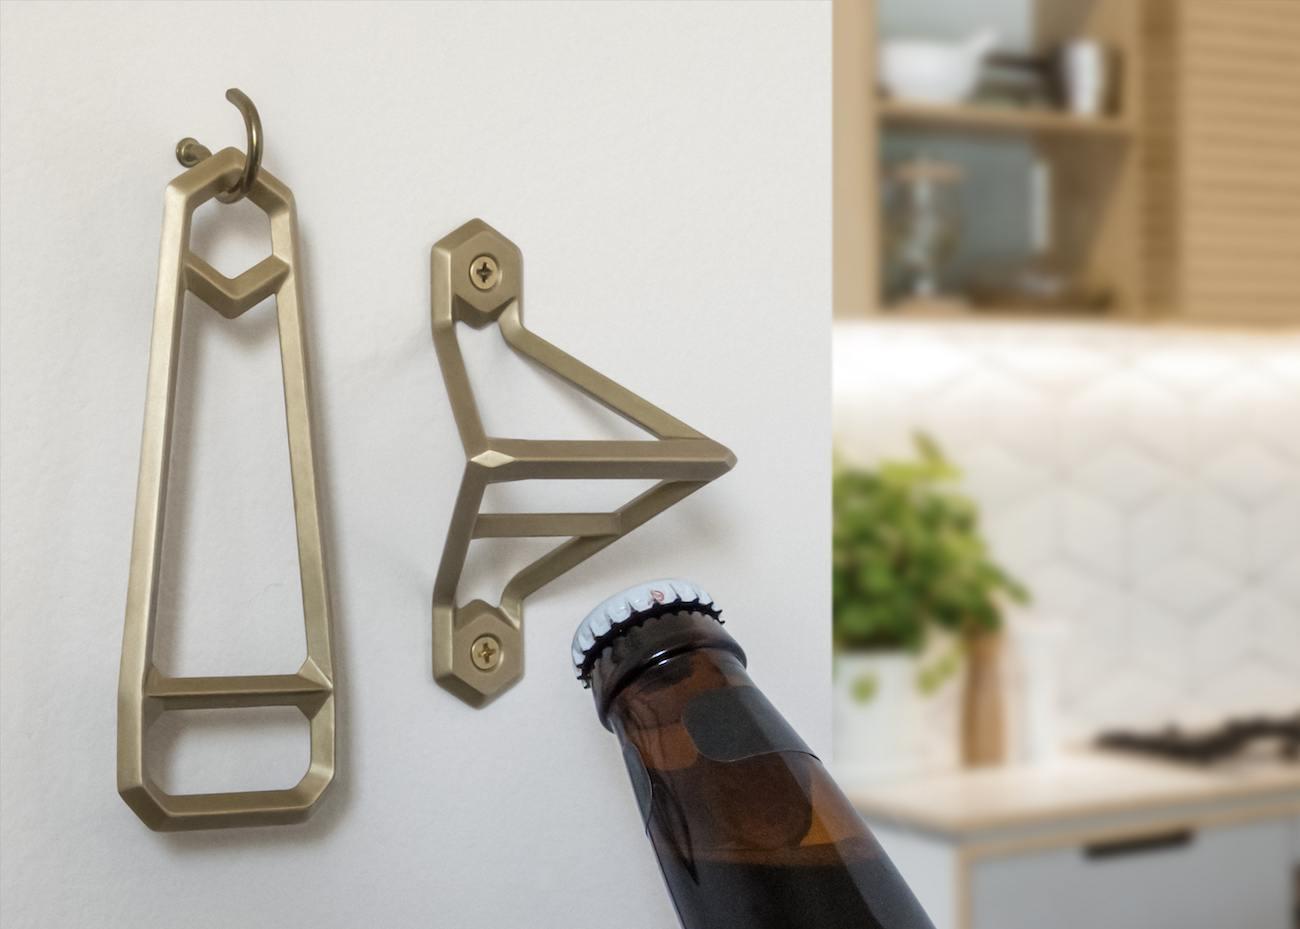 Leverage Brass Bottle Openers by Wander Workshop